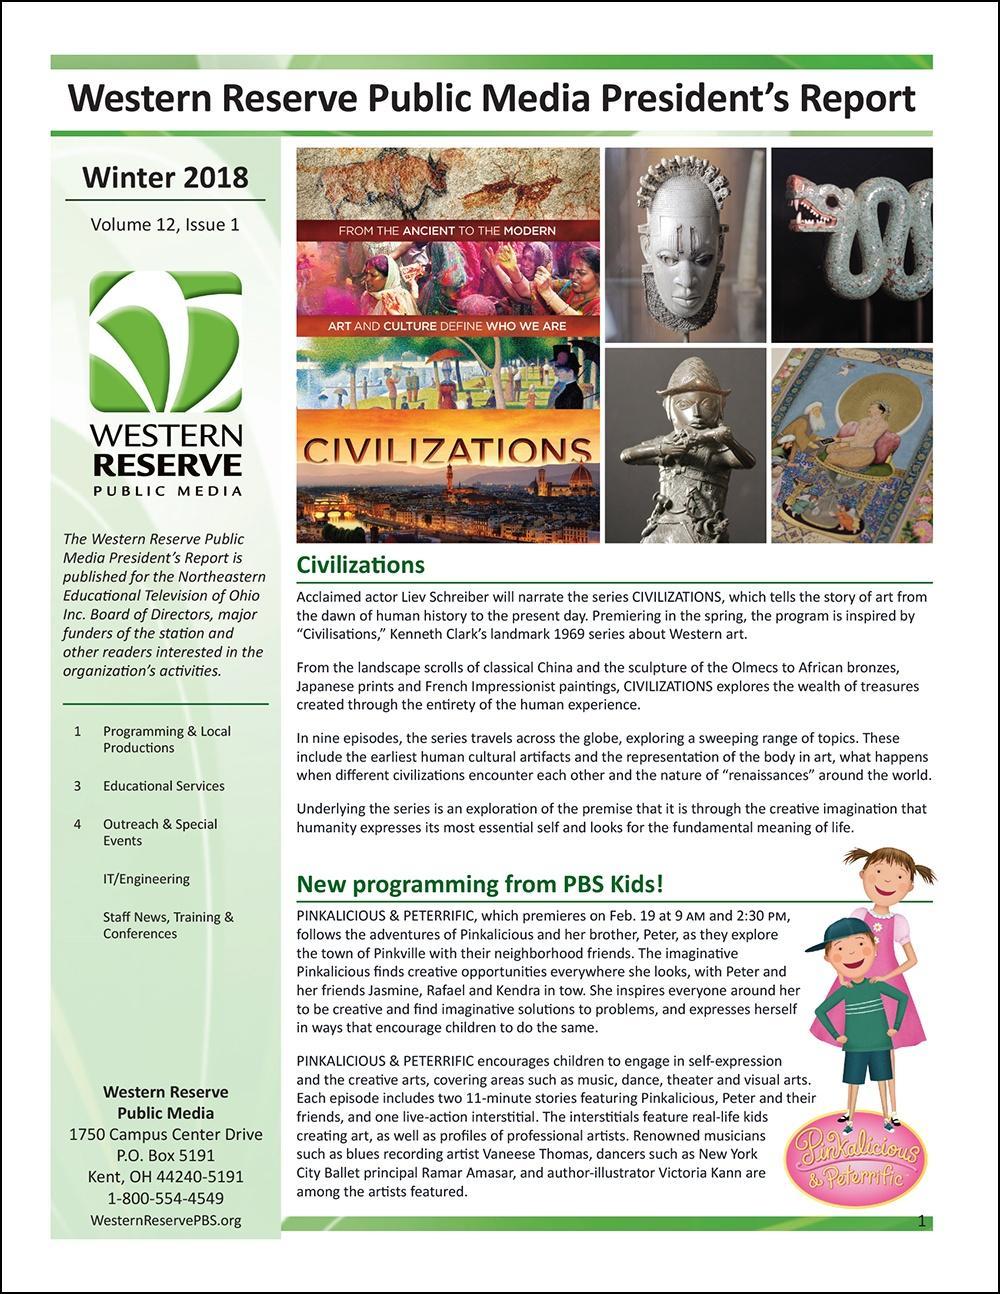 Winter 2018 - Volume 12, Issue 1